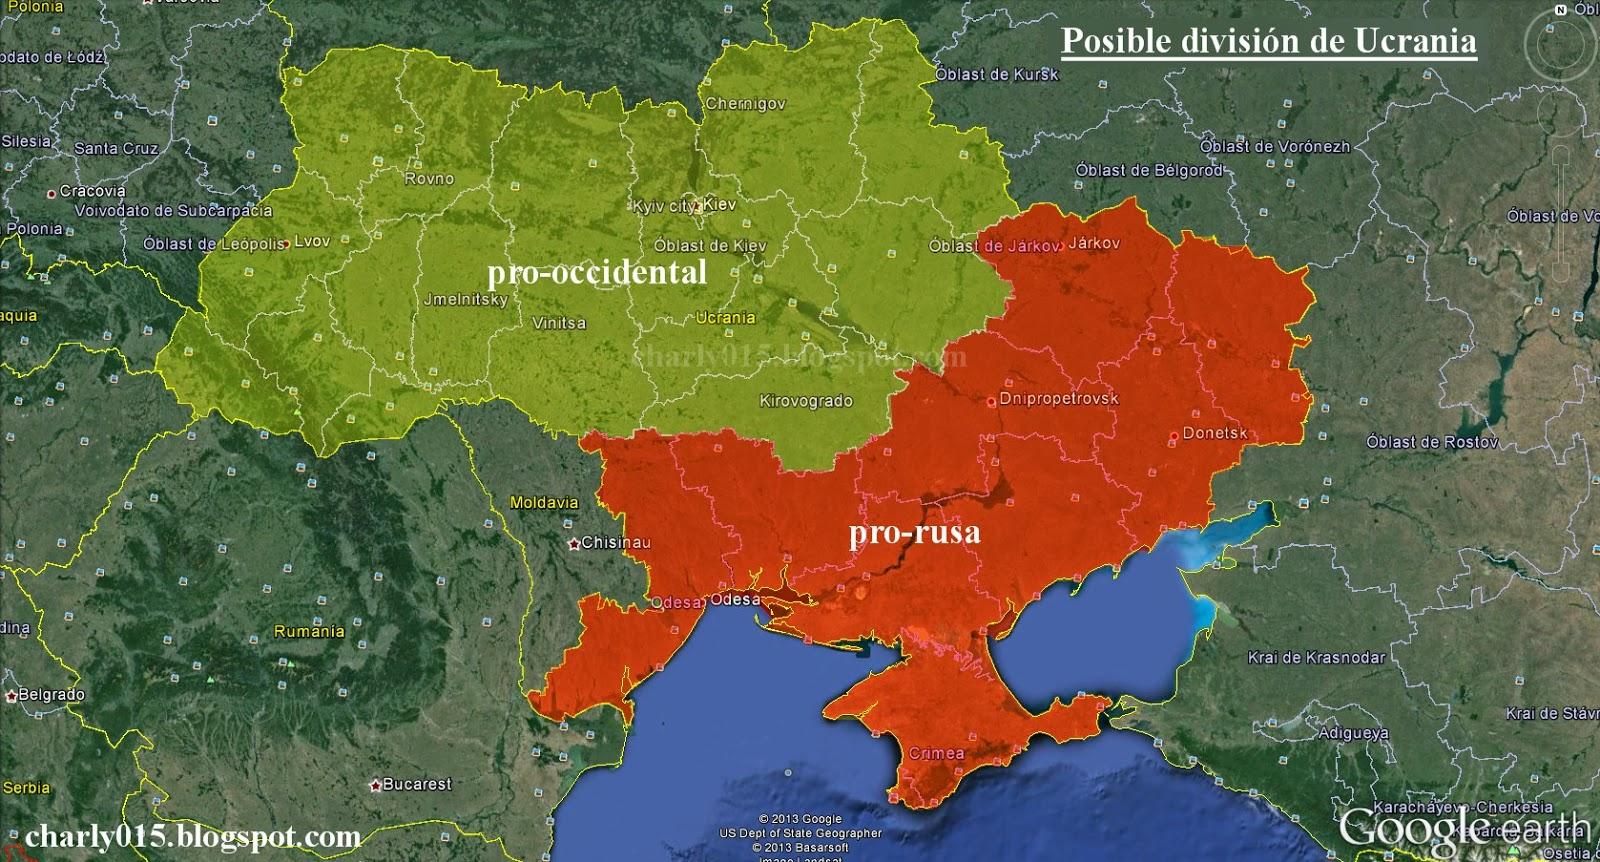 Conflicto interno ucraniano - Página 2 Ucrania+divisi%C3%B3n+f2